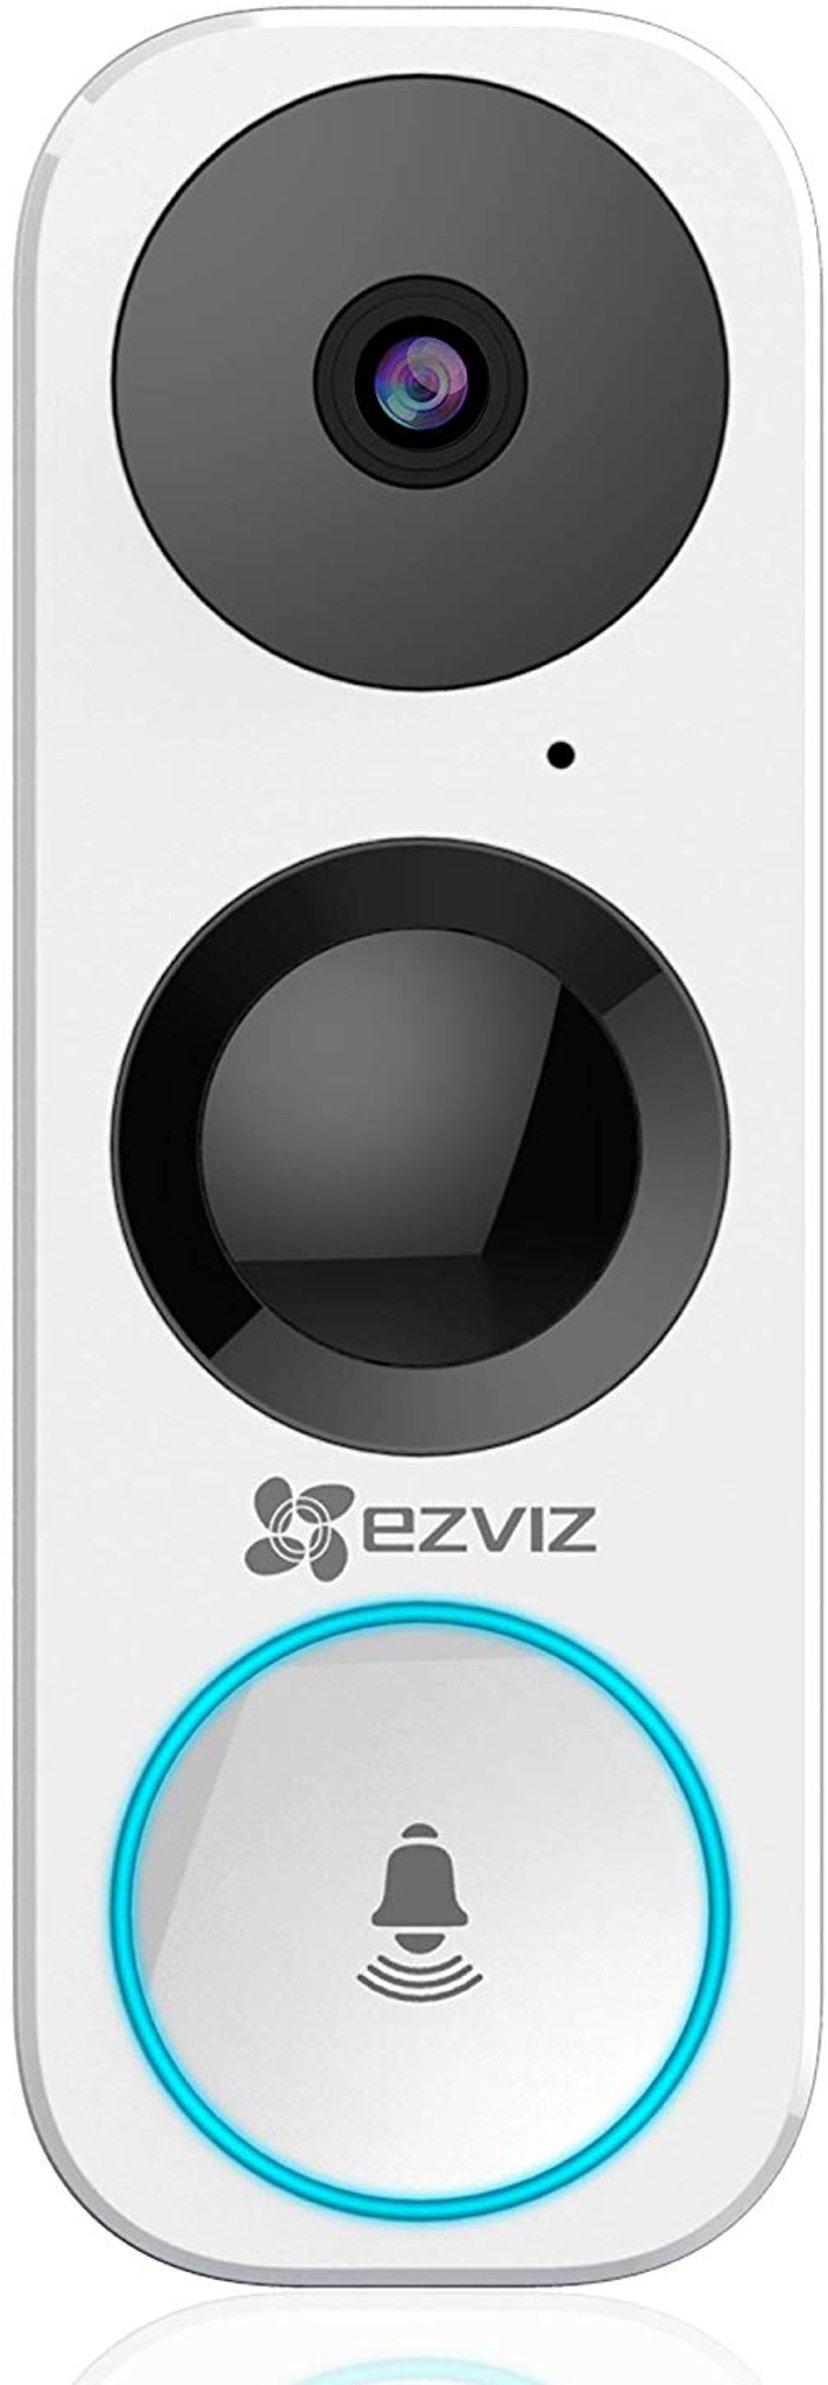 Ezviz DB1 Smart Video Doorbell